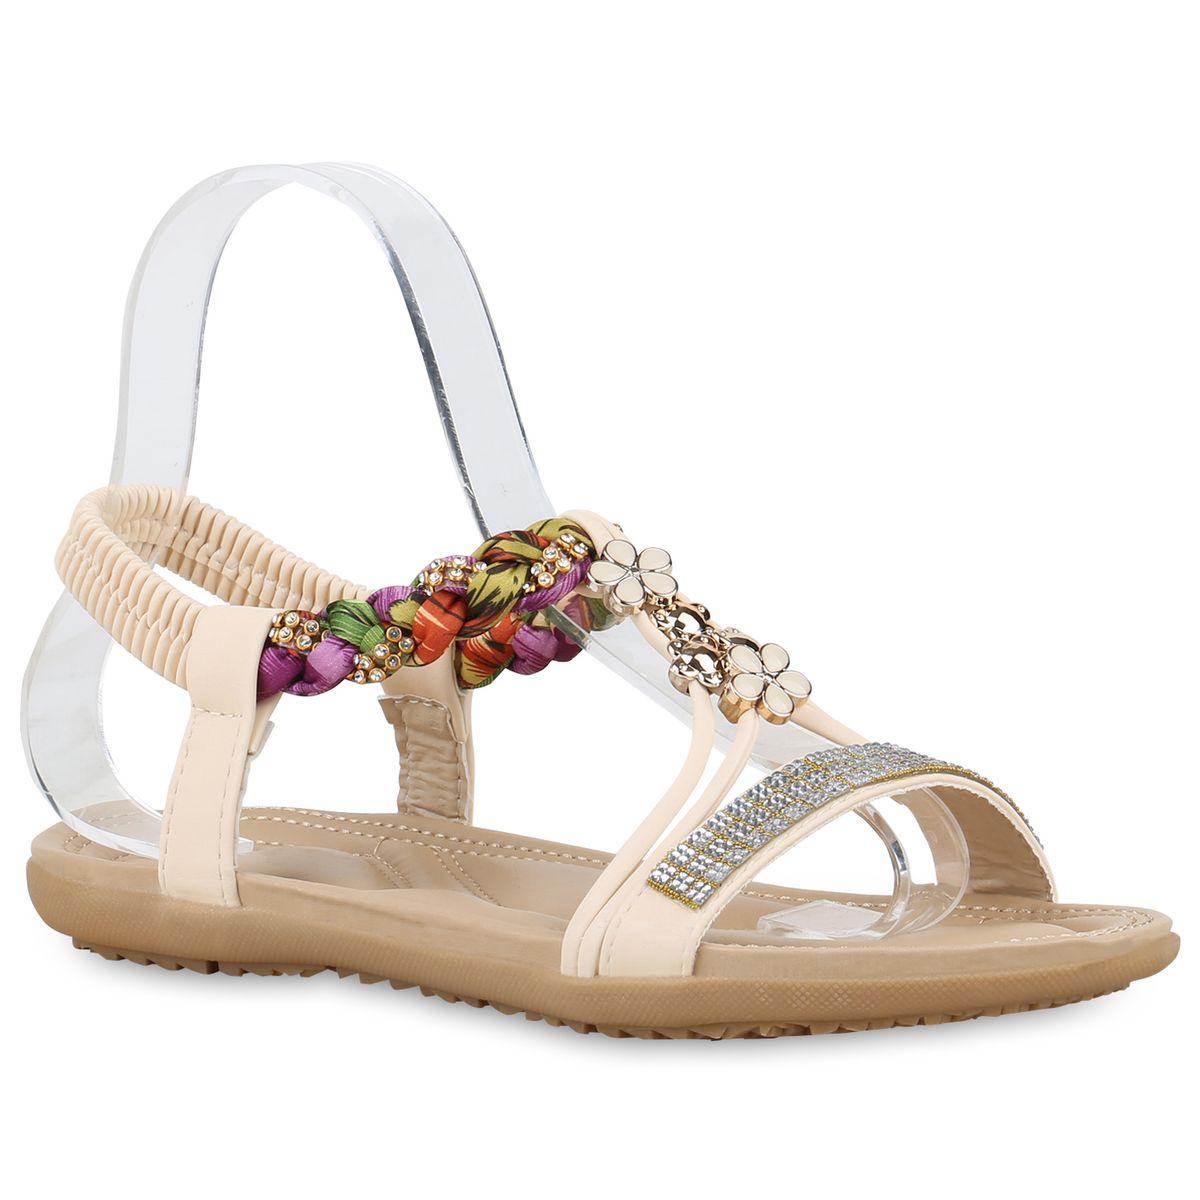 Creme Strappy Sandalen Damen Sandals Damen Strappy Sandals Creme Damen Sandalen Strappy Sandalen mN8wOyvn0